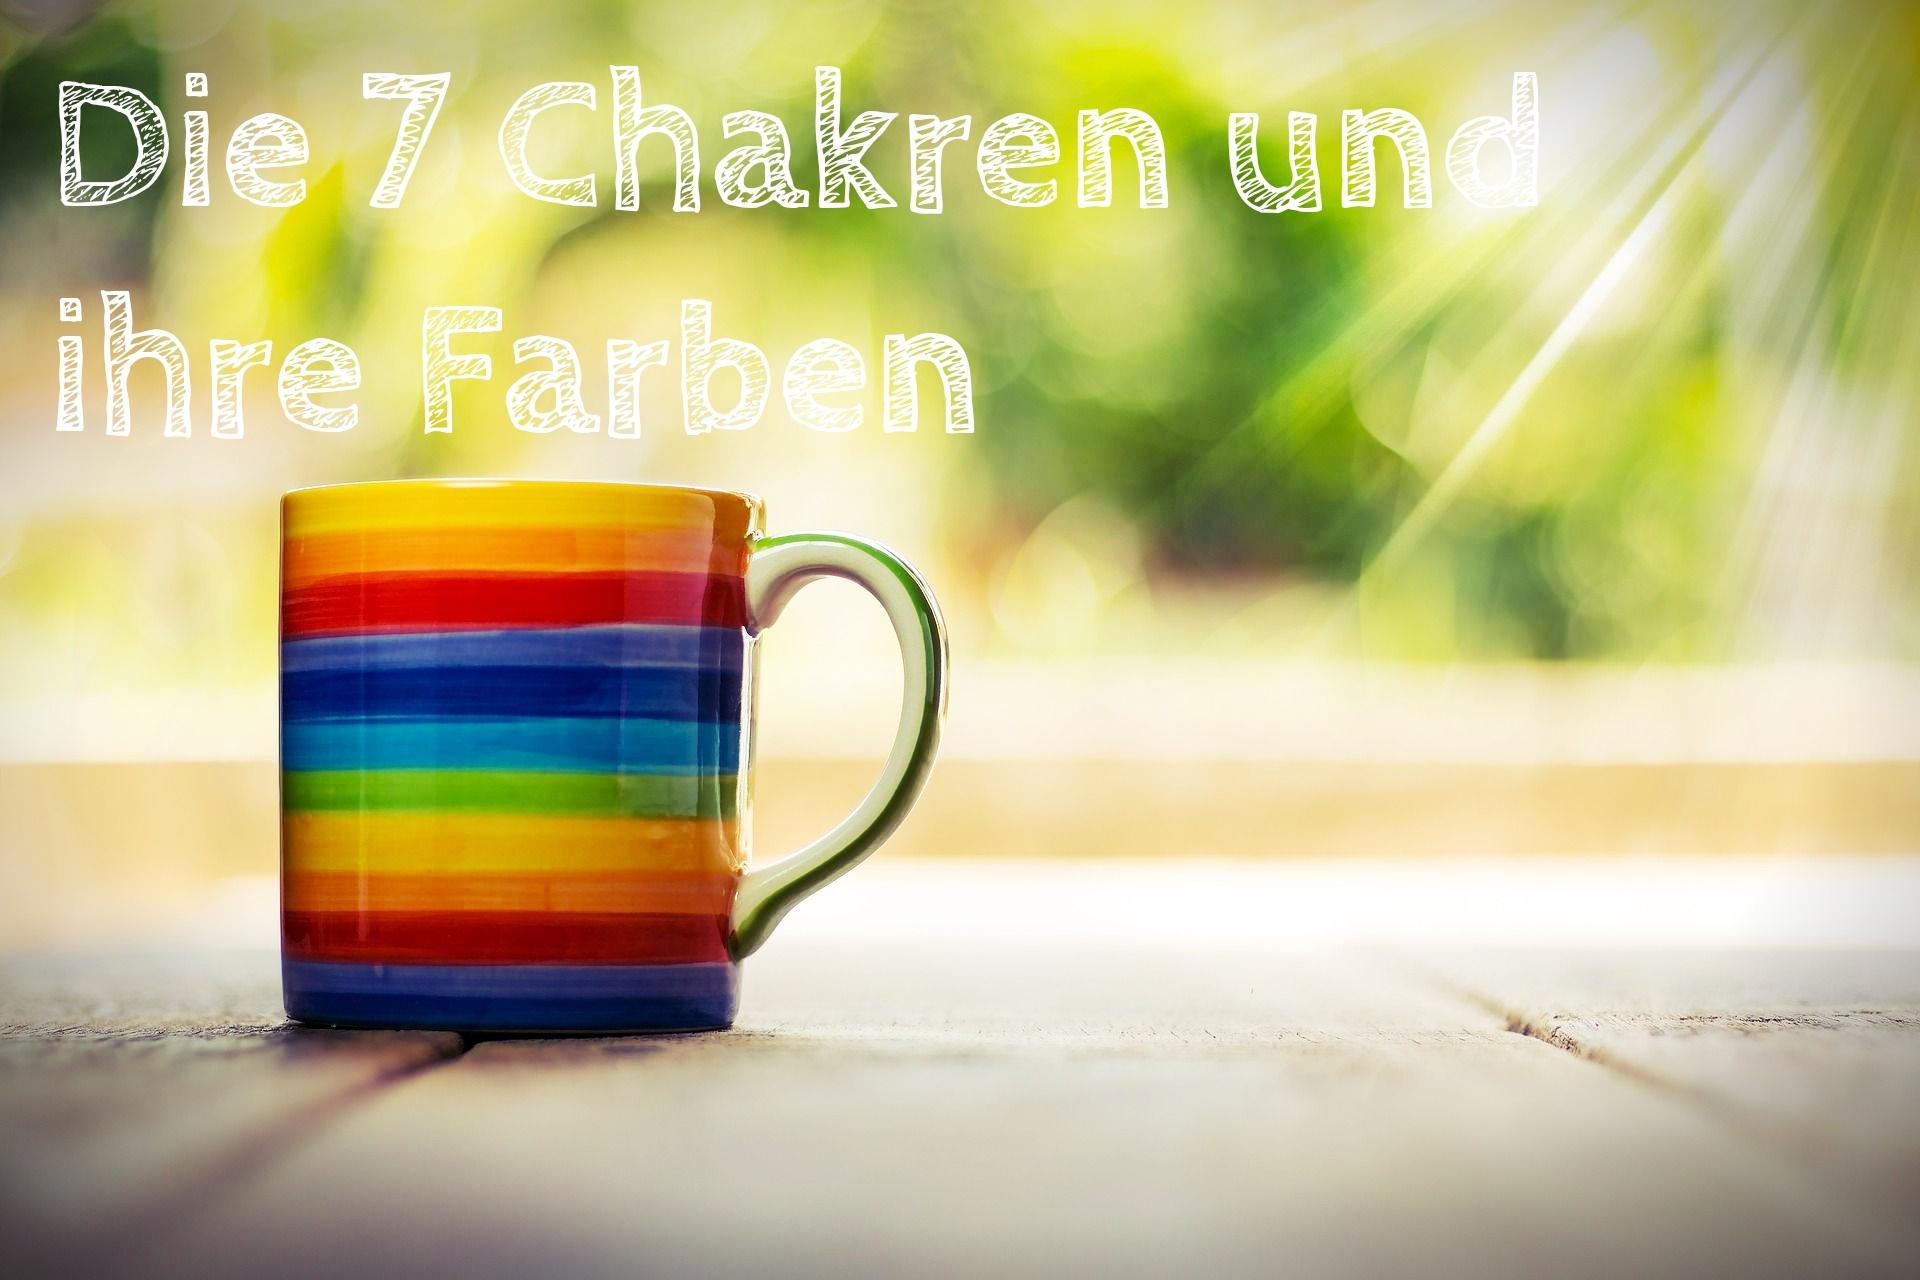 Die sieben Chakren und ihre Farben